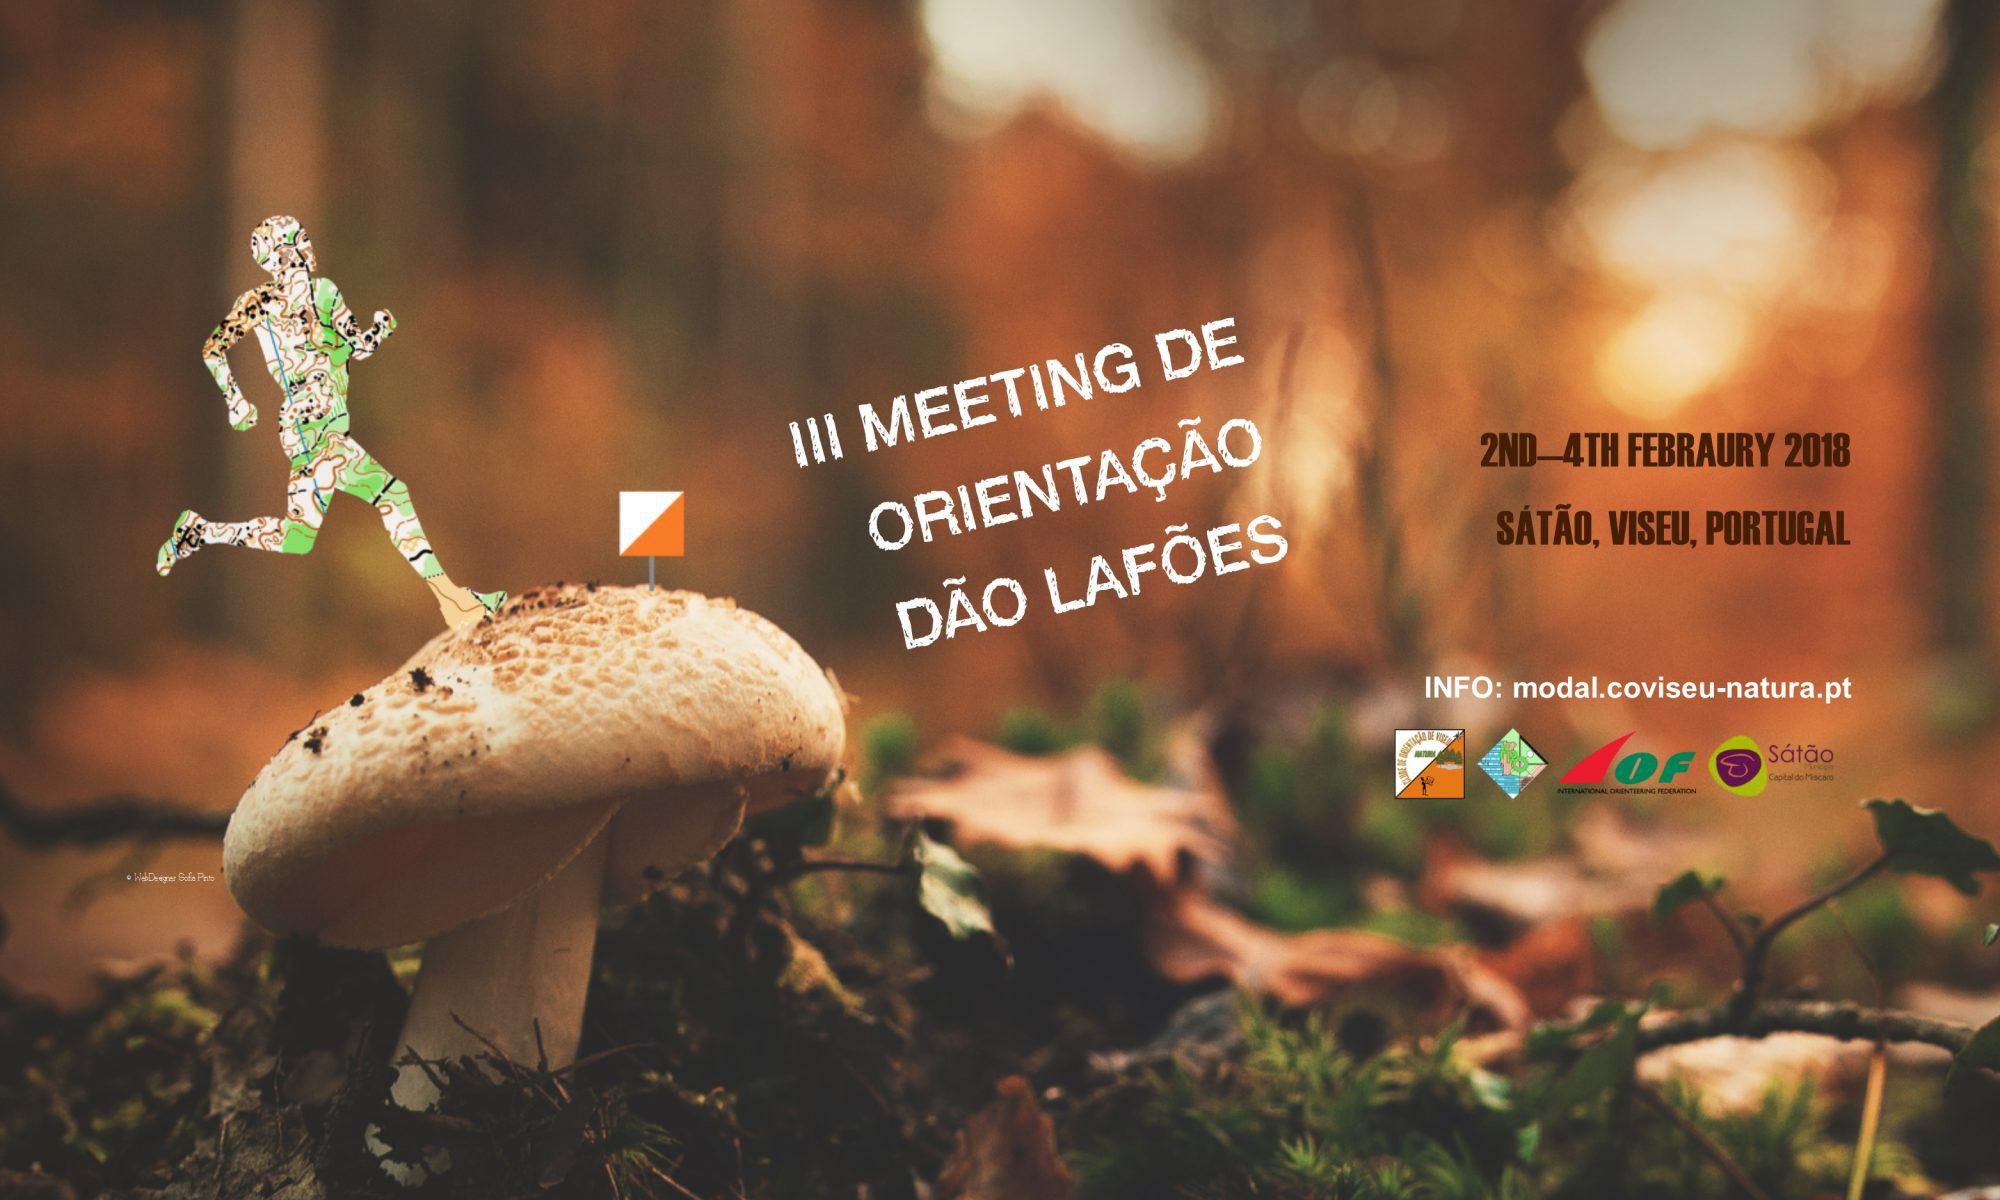 III Meeting de Orientação Dão Lafões - WRE Satão 2018